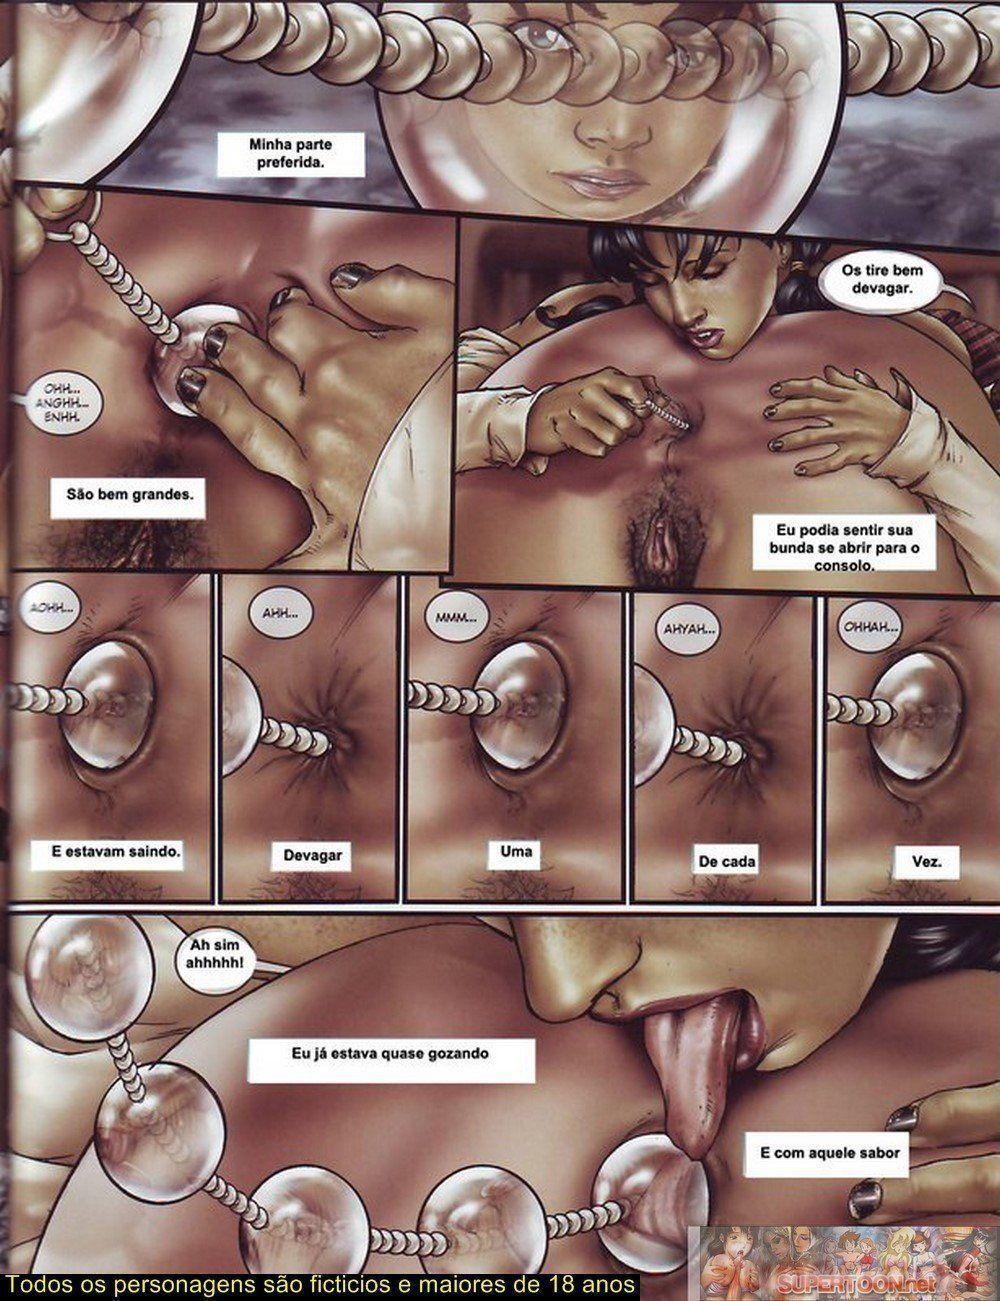 Quadrinhos de sexo tesão de transexual - Foto 12